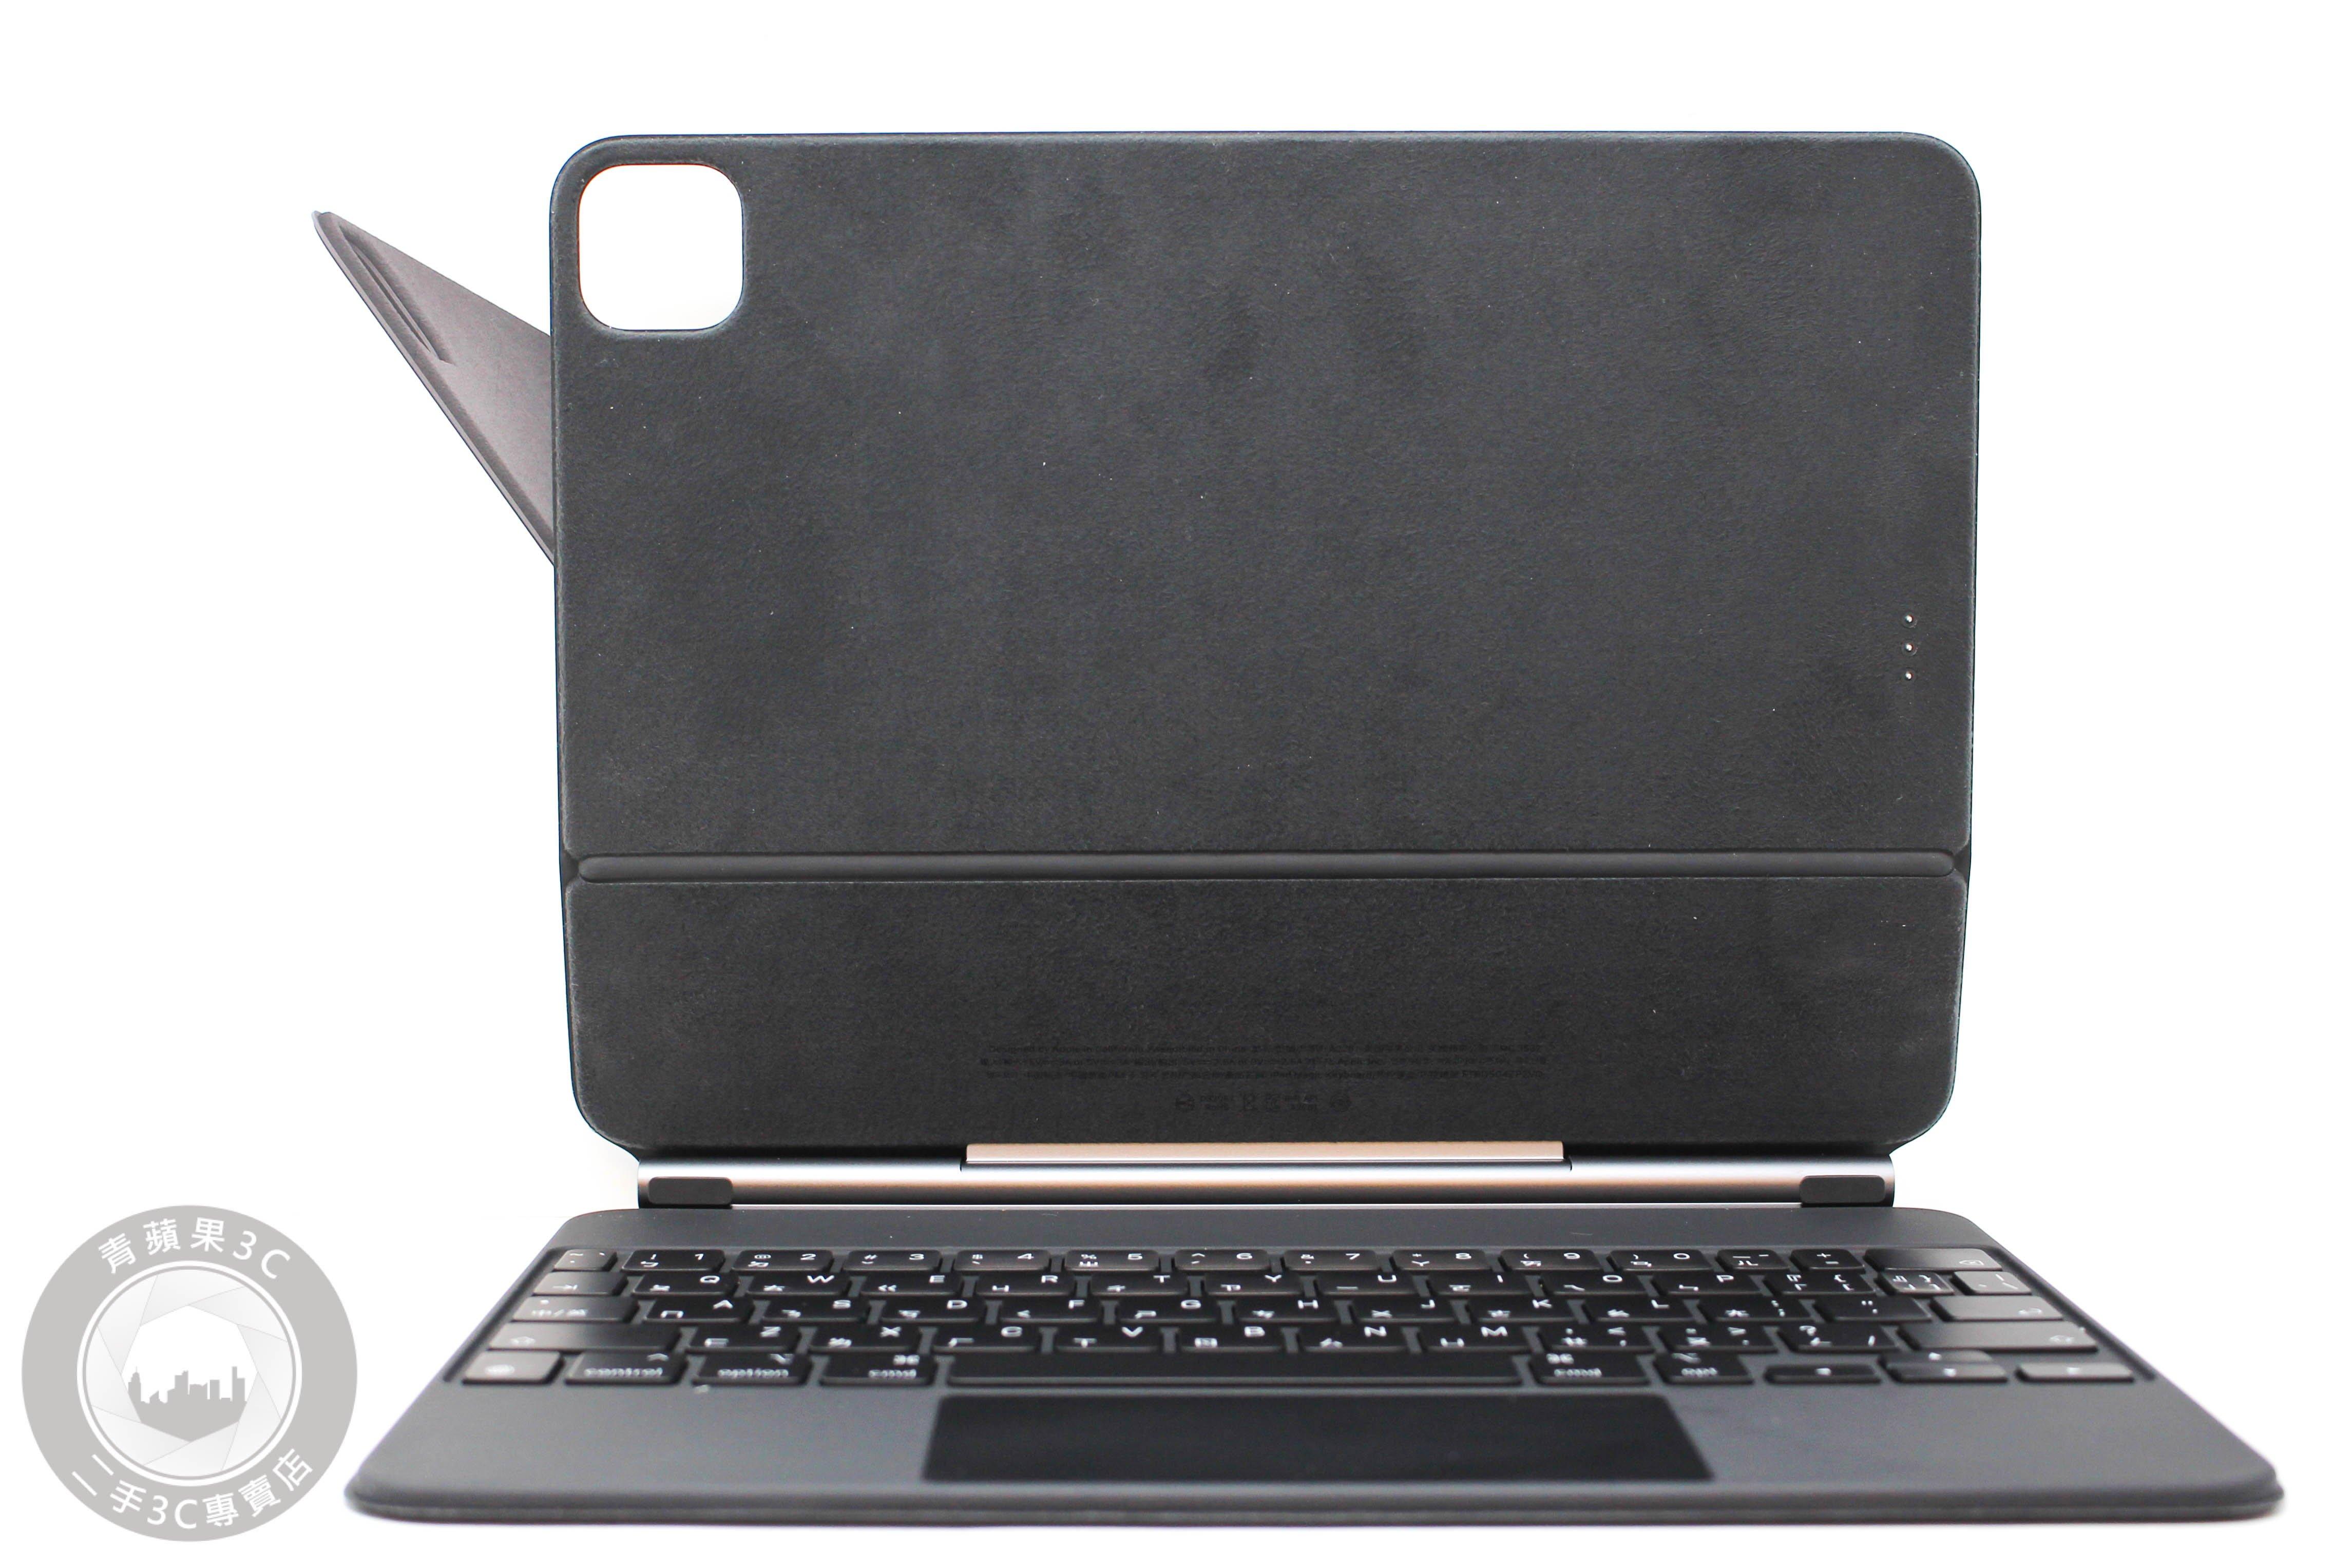 【高雄青蘋果3C】Apple Magic Keyboard 巧控鍵盤 - 繁體中文 A2261 保固中 #57266